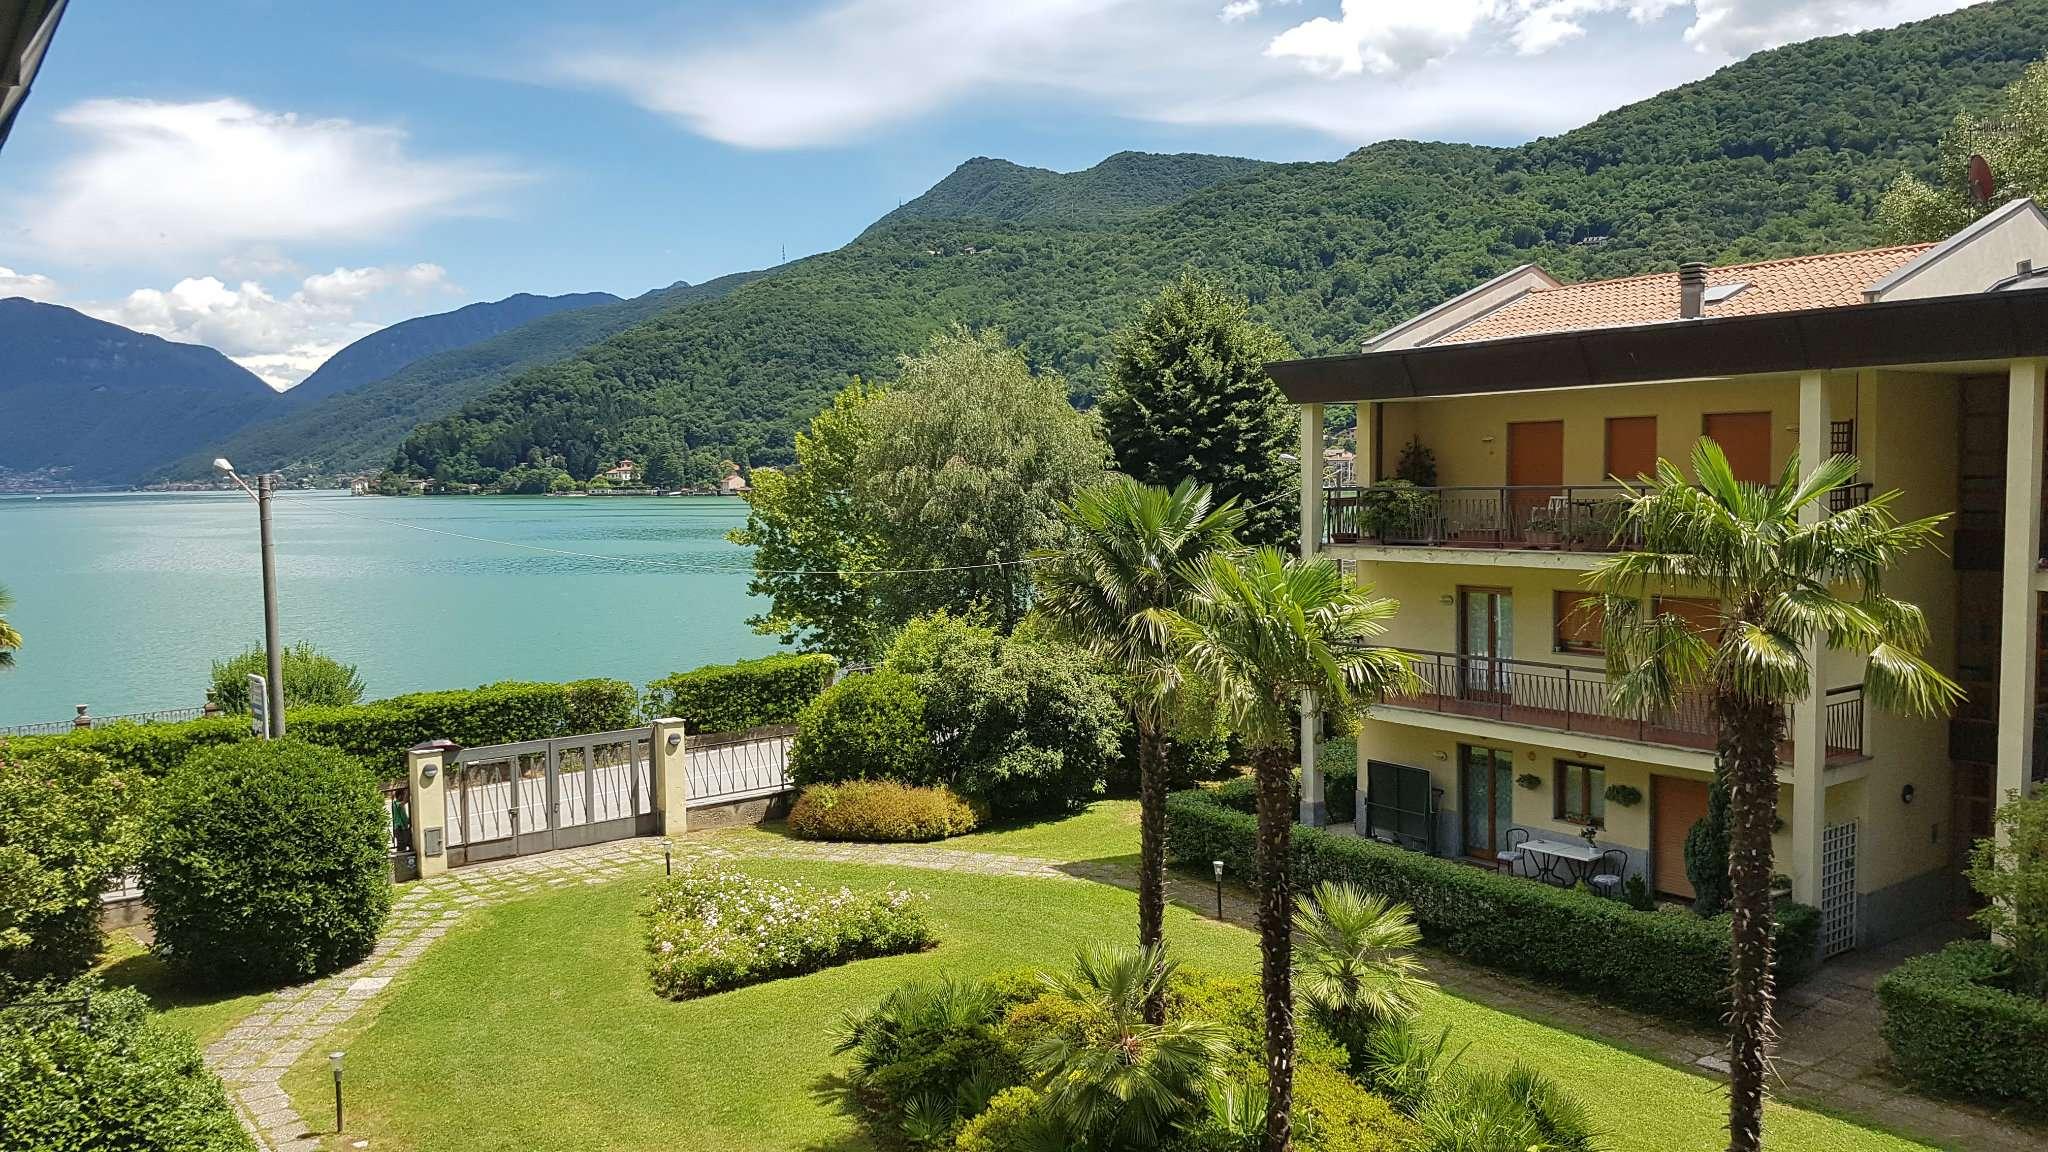 Appartamento in affitto a Porto Ceresio, 3 locali, prezzo € 800 | CambioCasa.it